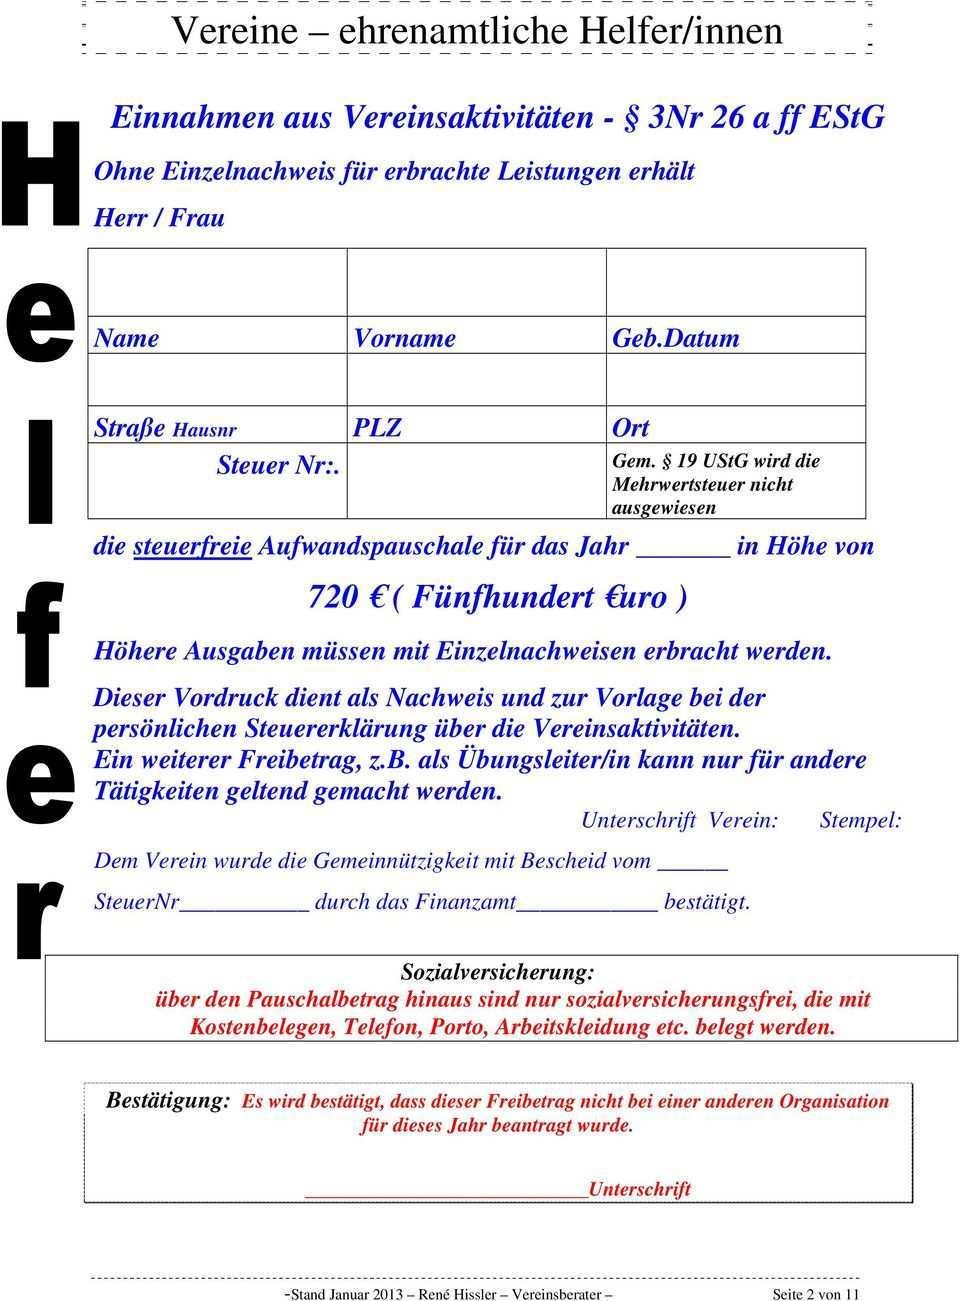 Vereine Ehrenamtliche Helfer Innen Pdf Free Download